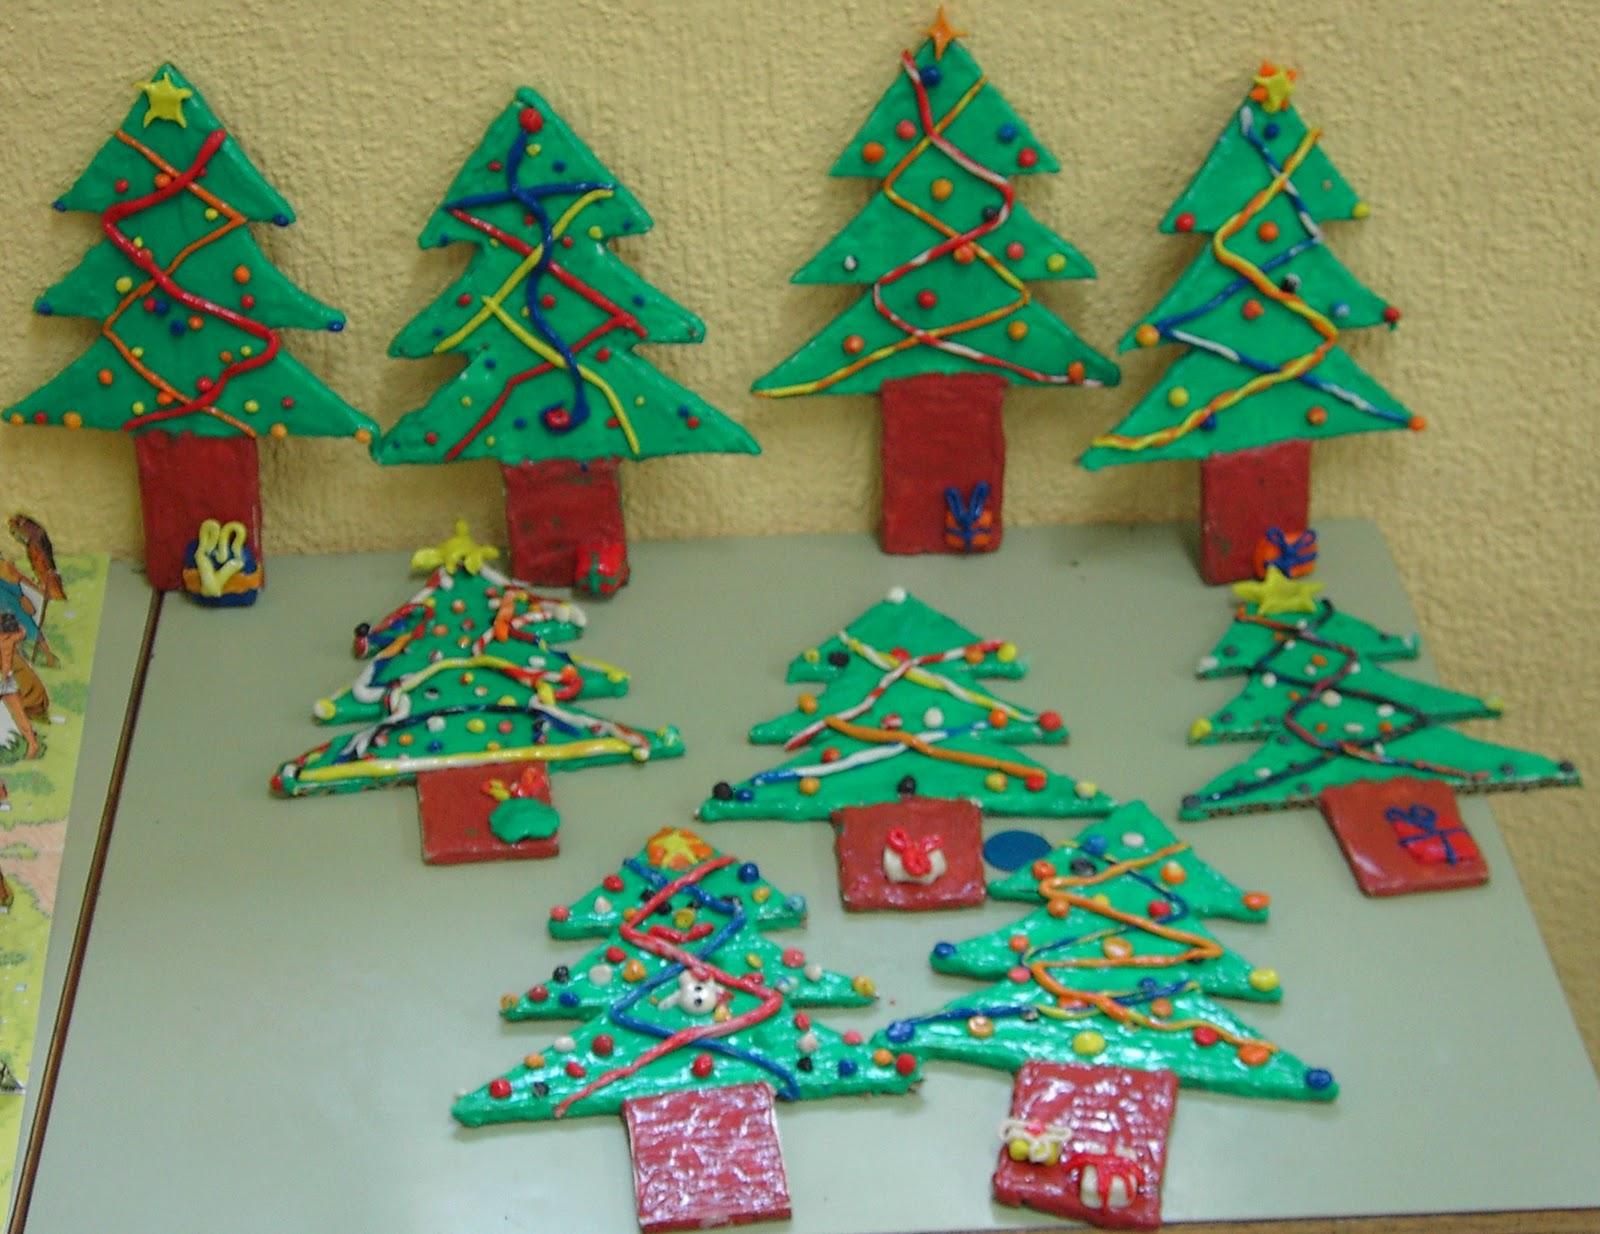 Como decorar un arbol de navidad para ninos - Manualidades para decorar el arbol de navidad ...